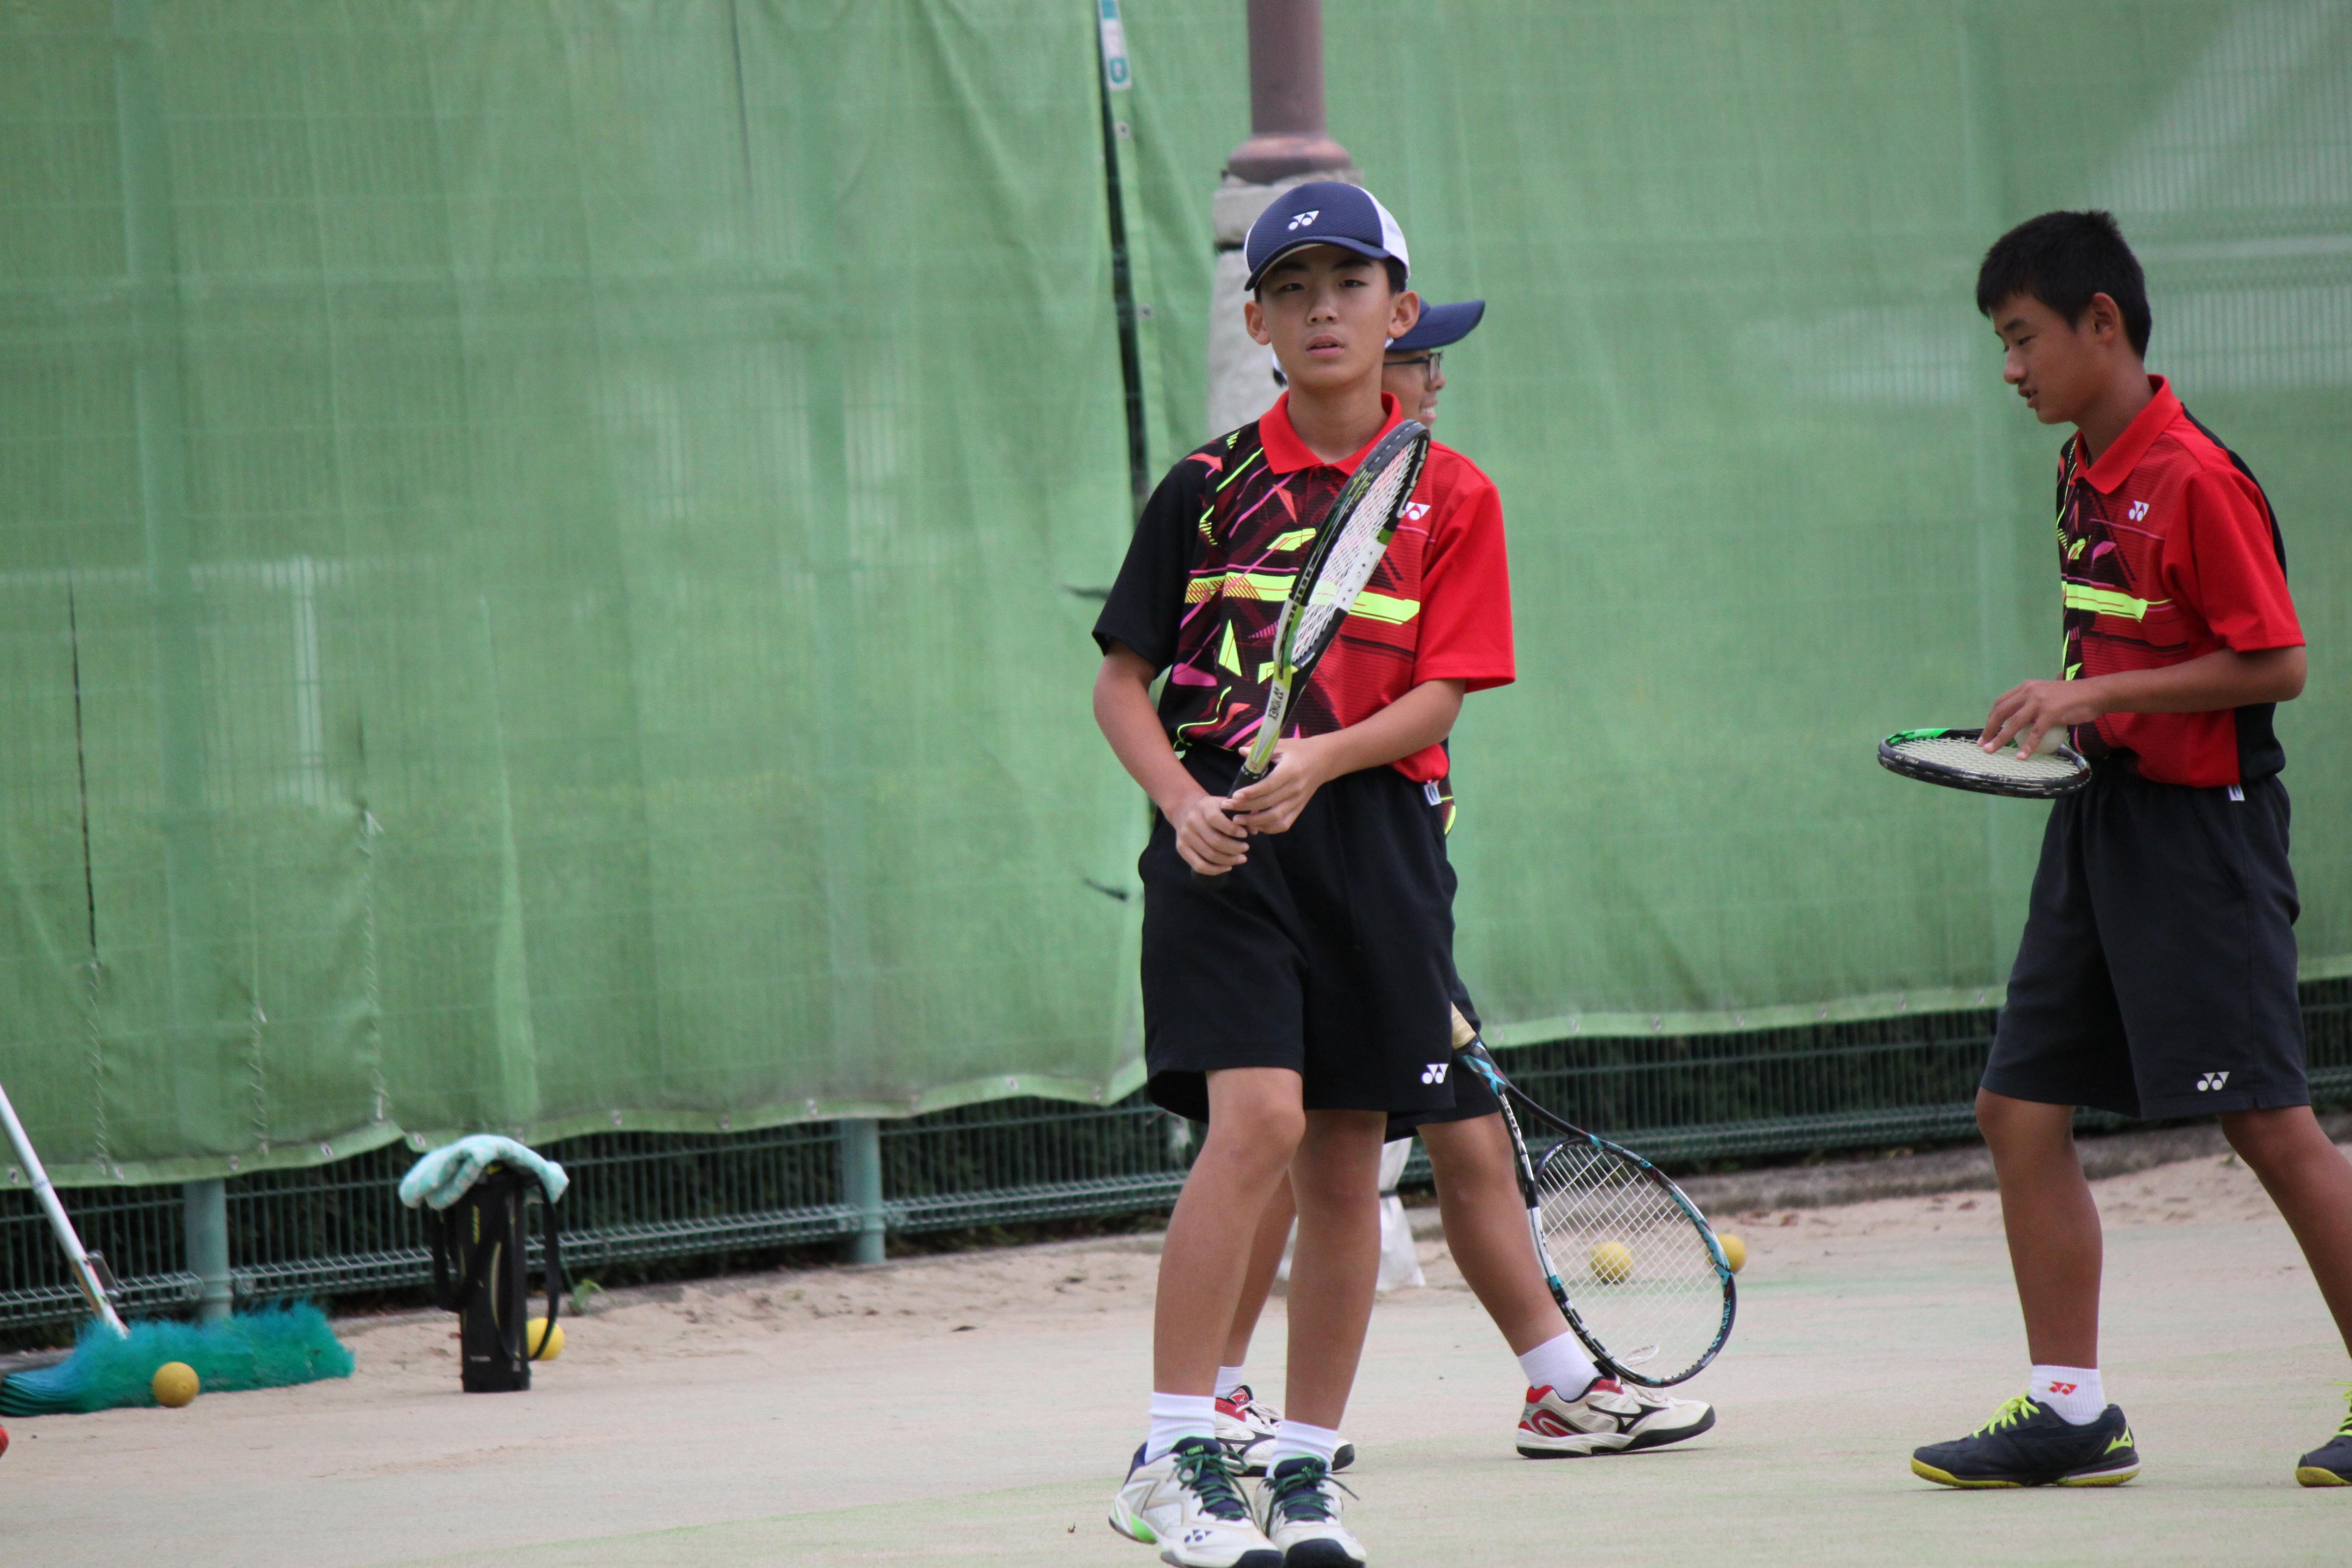 ソフトテニス (209)